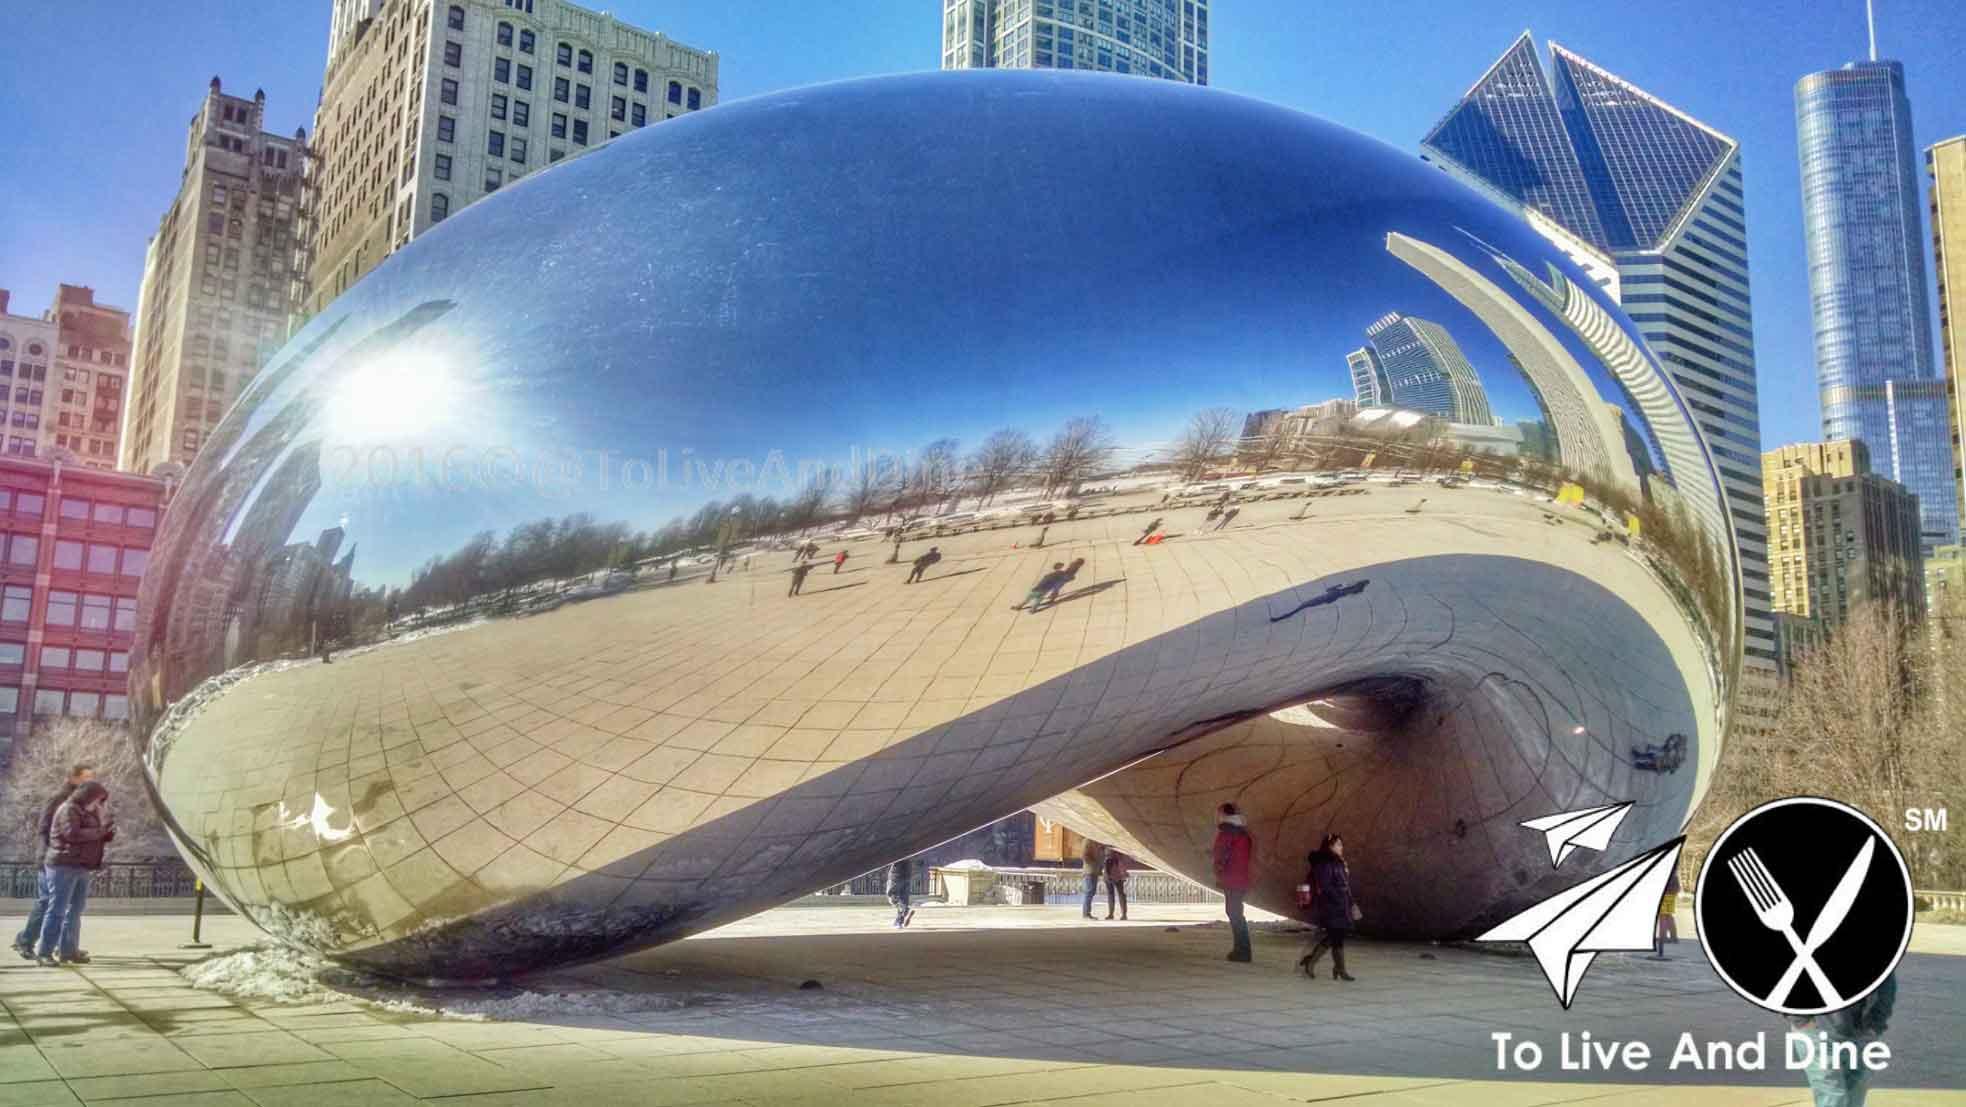 The Bean aka Cloud Gate Chicago